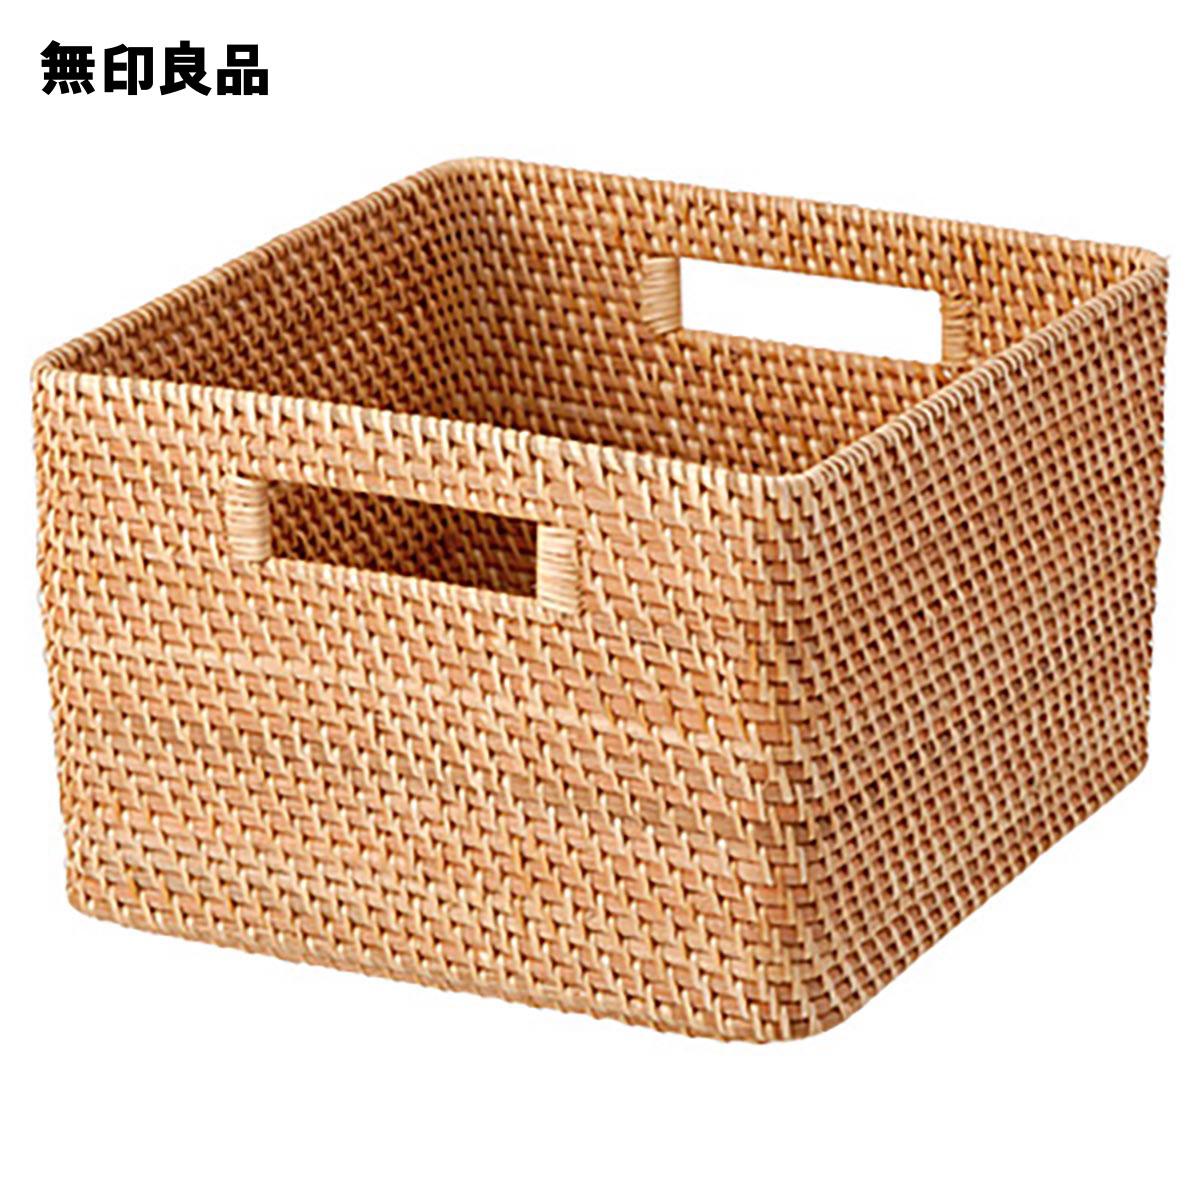 【無印良品 公式】重なるラタン角型バスケット・大 (V)約幅35×奥行36×高さ24cm